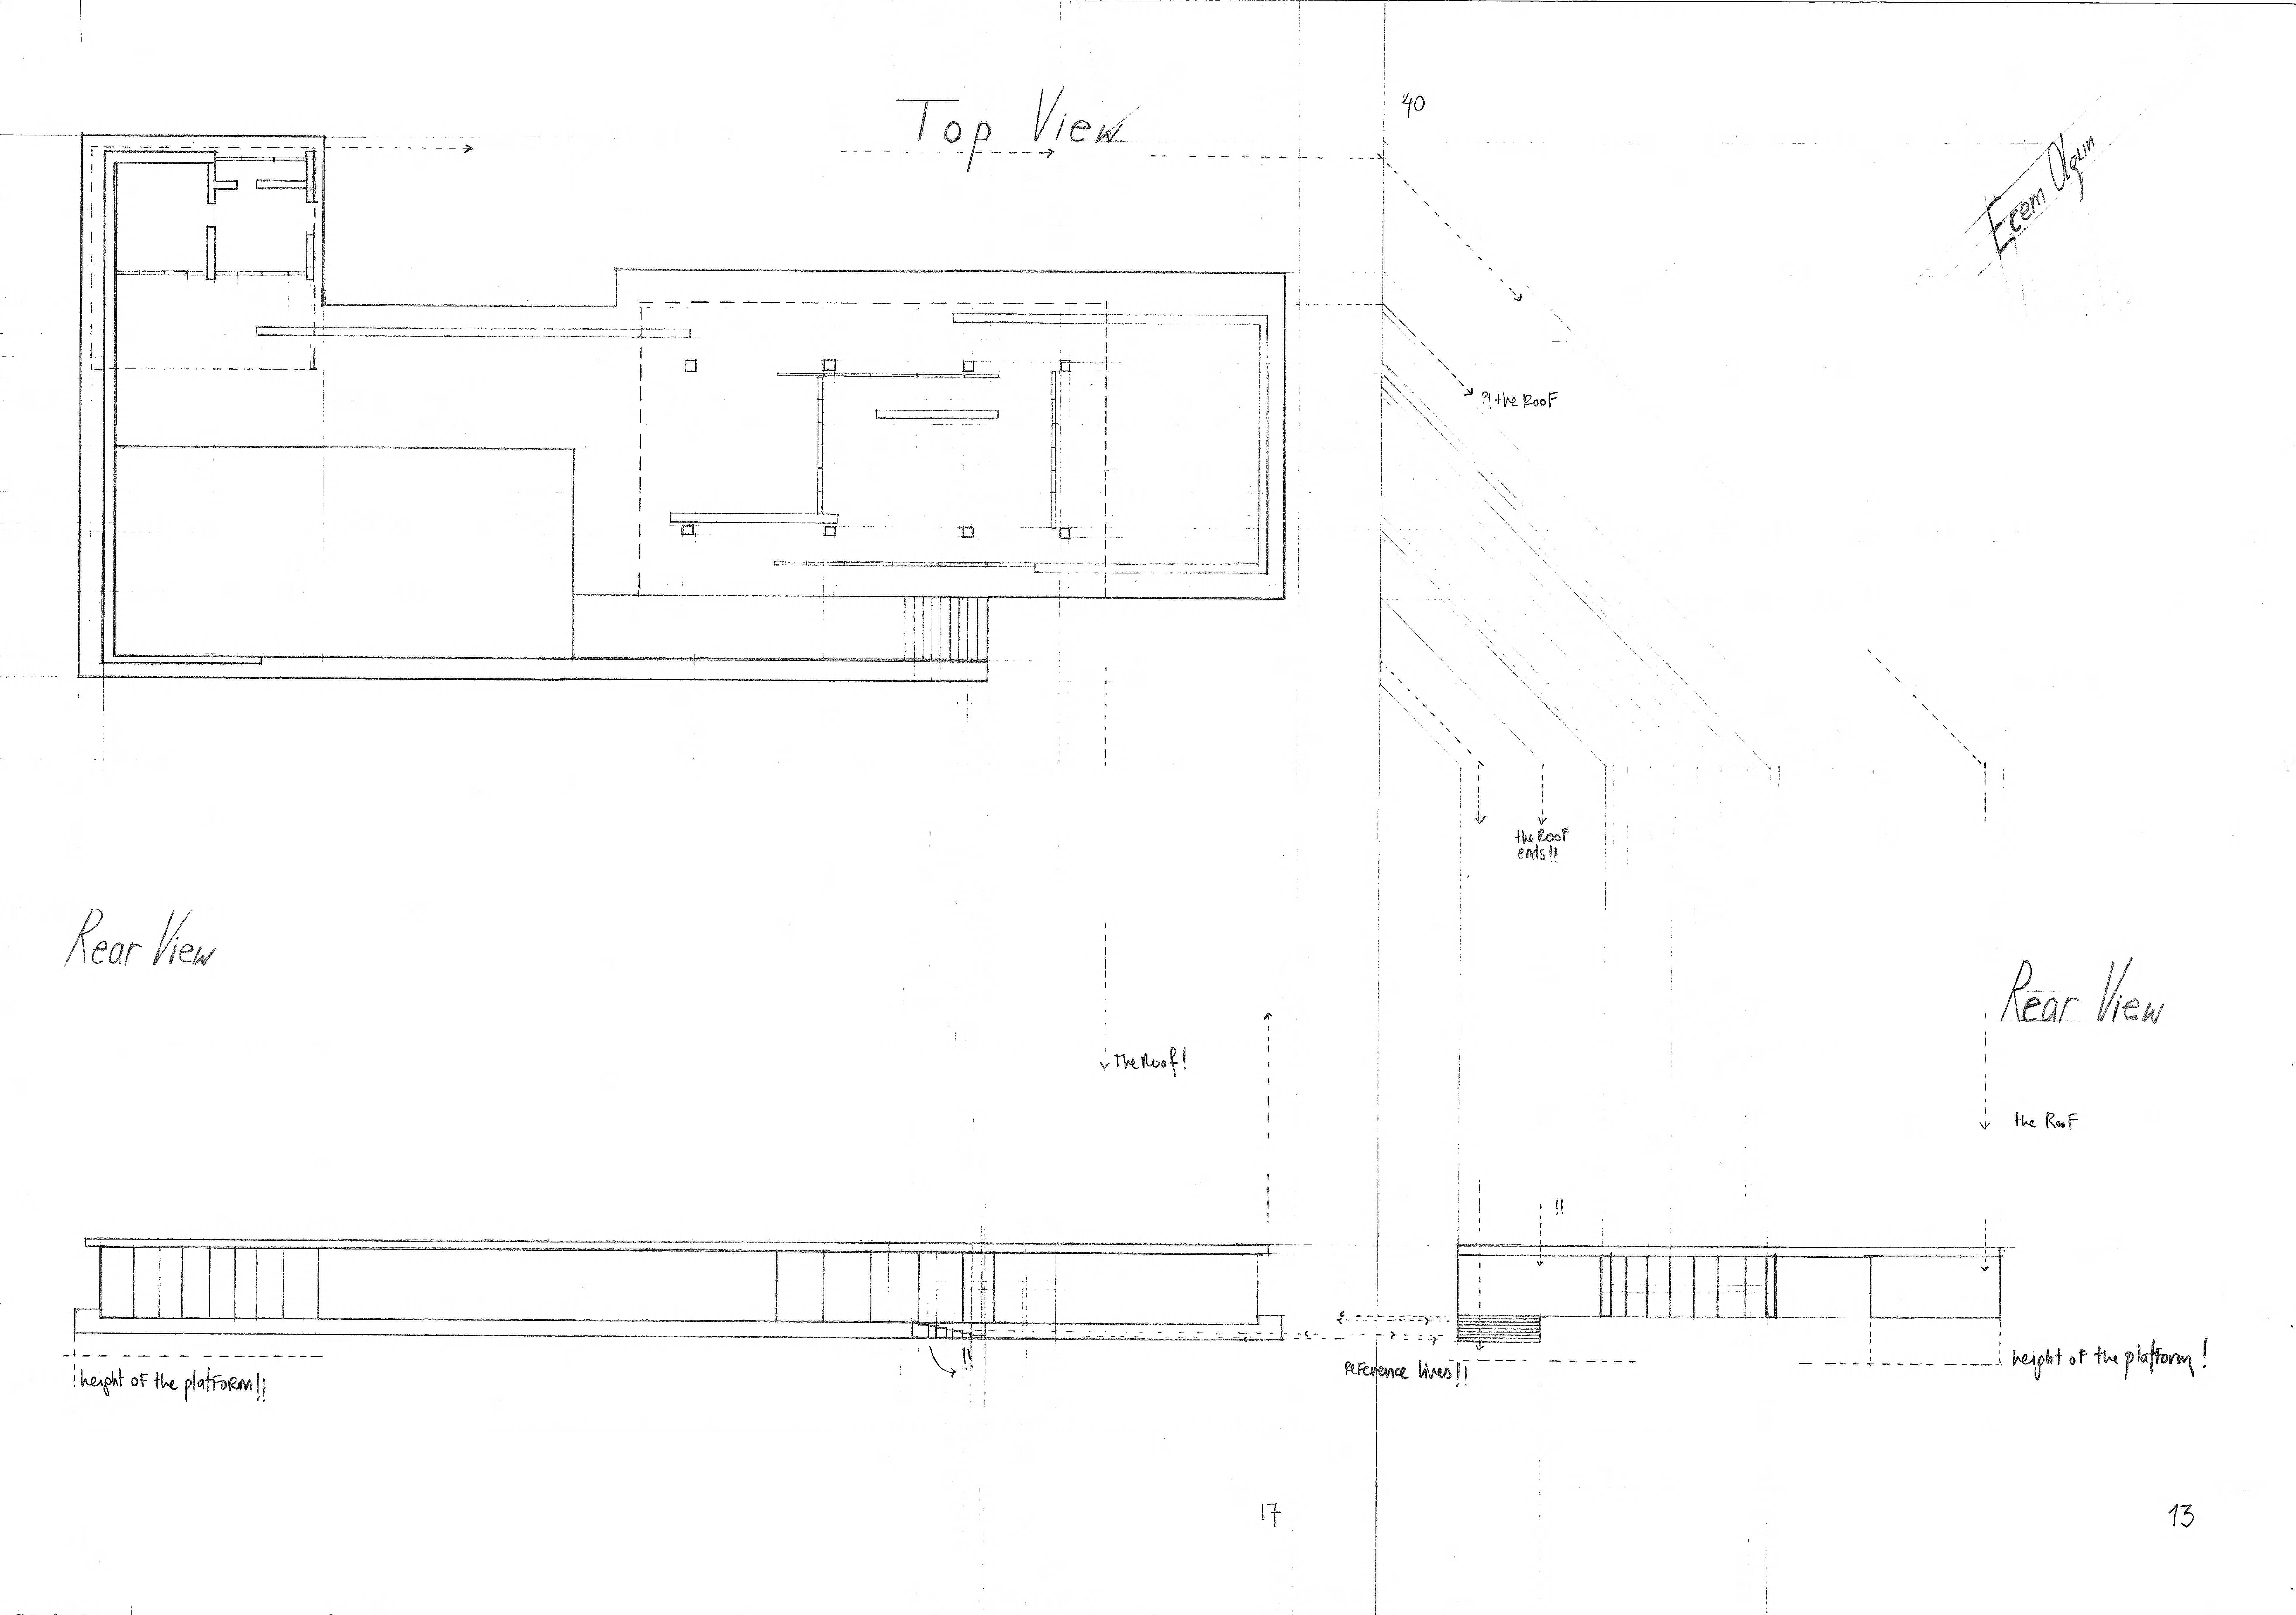 Barcelona pavilion plan dimensions for Site plan dimensions